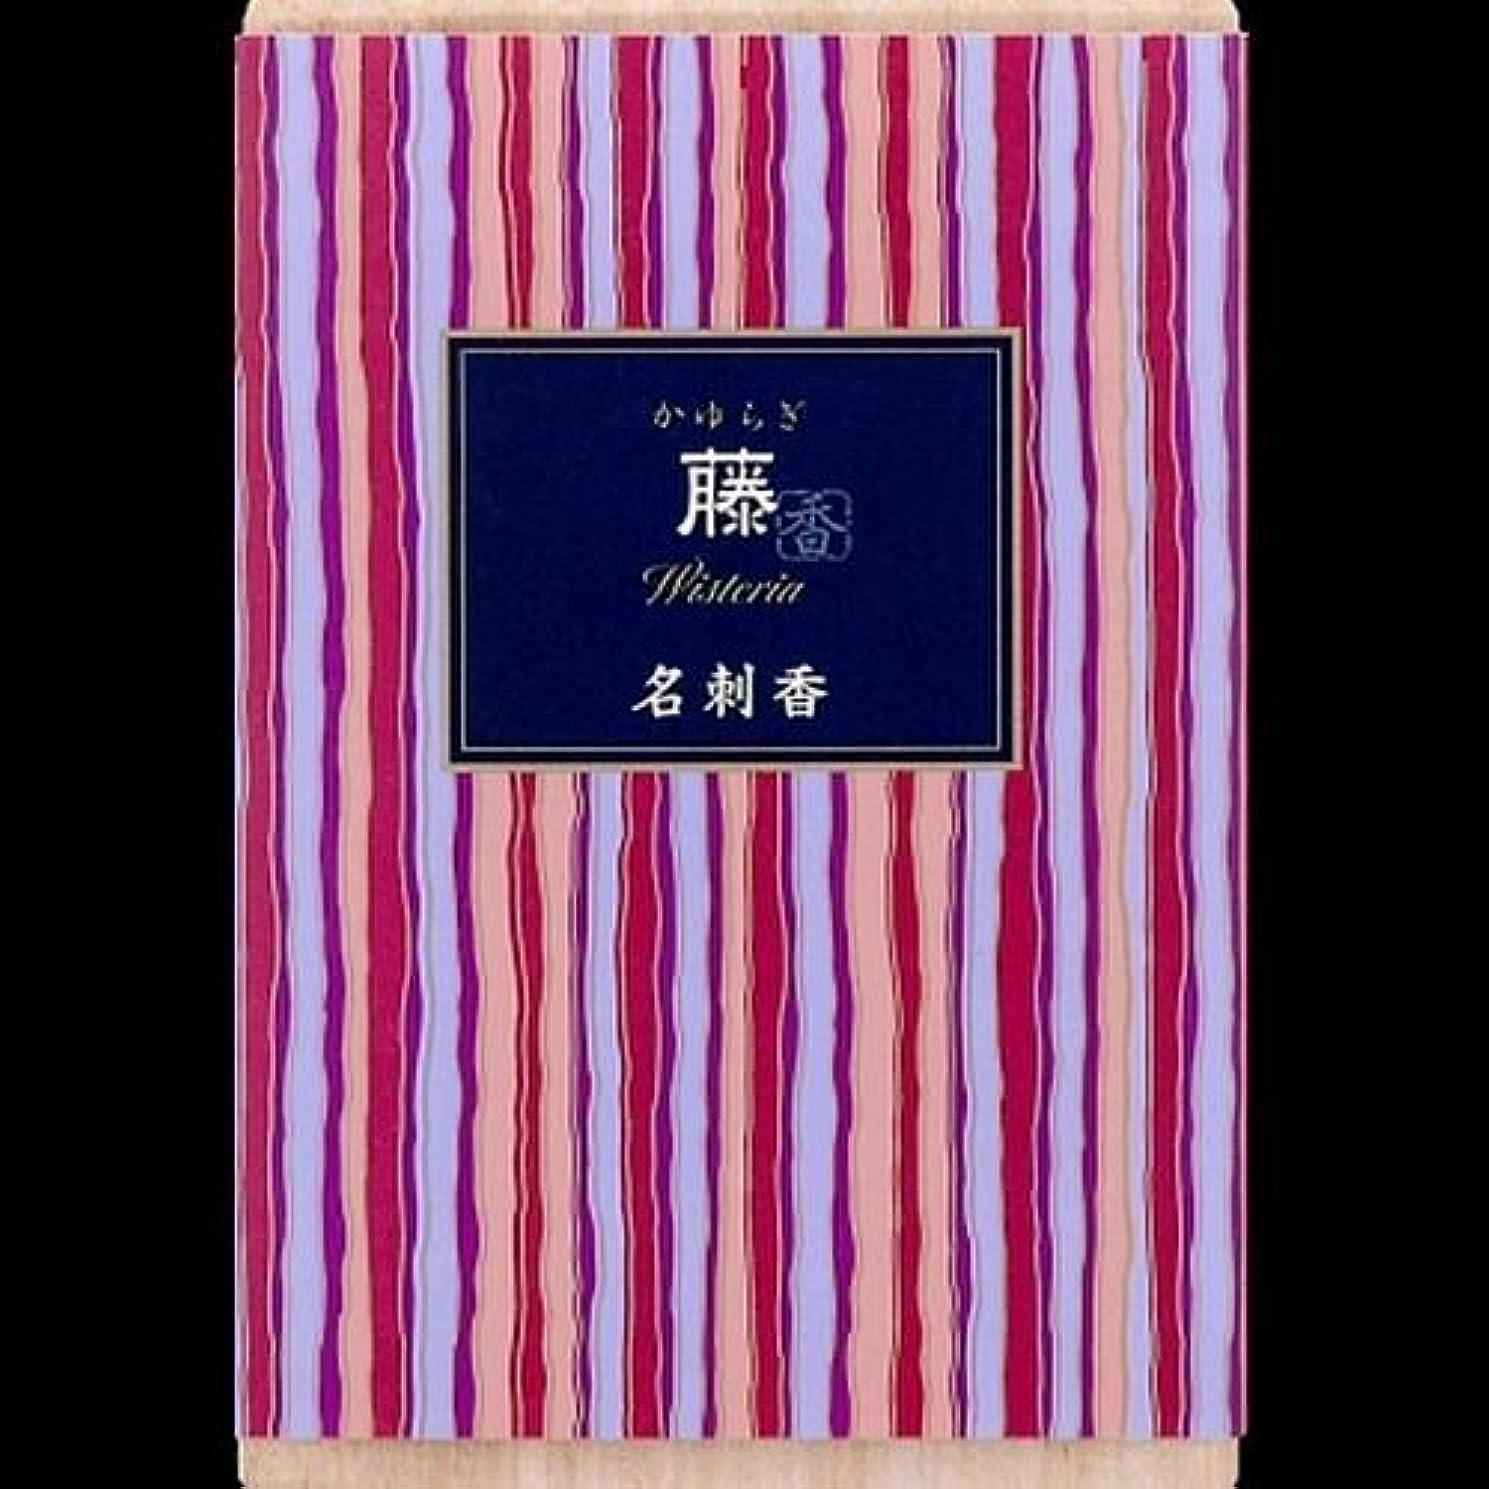 アルコール弱いリーガン【まとめ買い】かゆらぎ 藤 名刺香 桐箱 6入 ×2セット